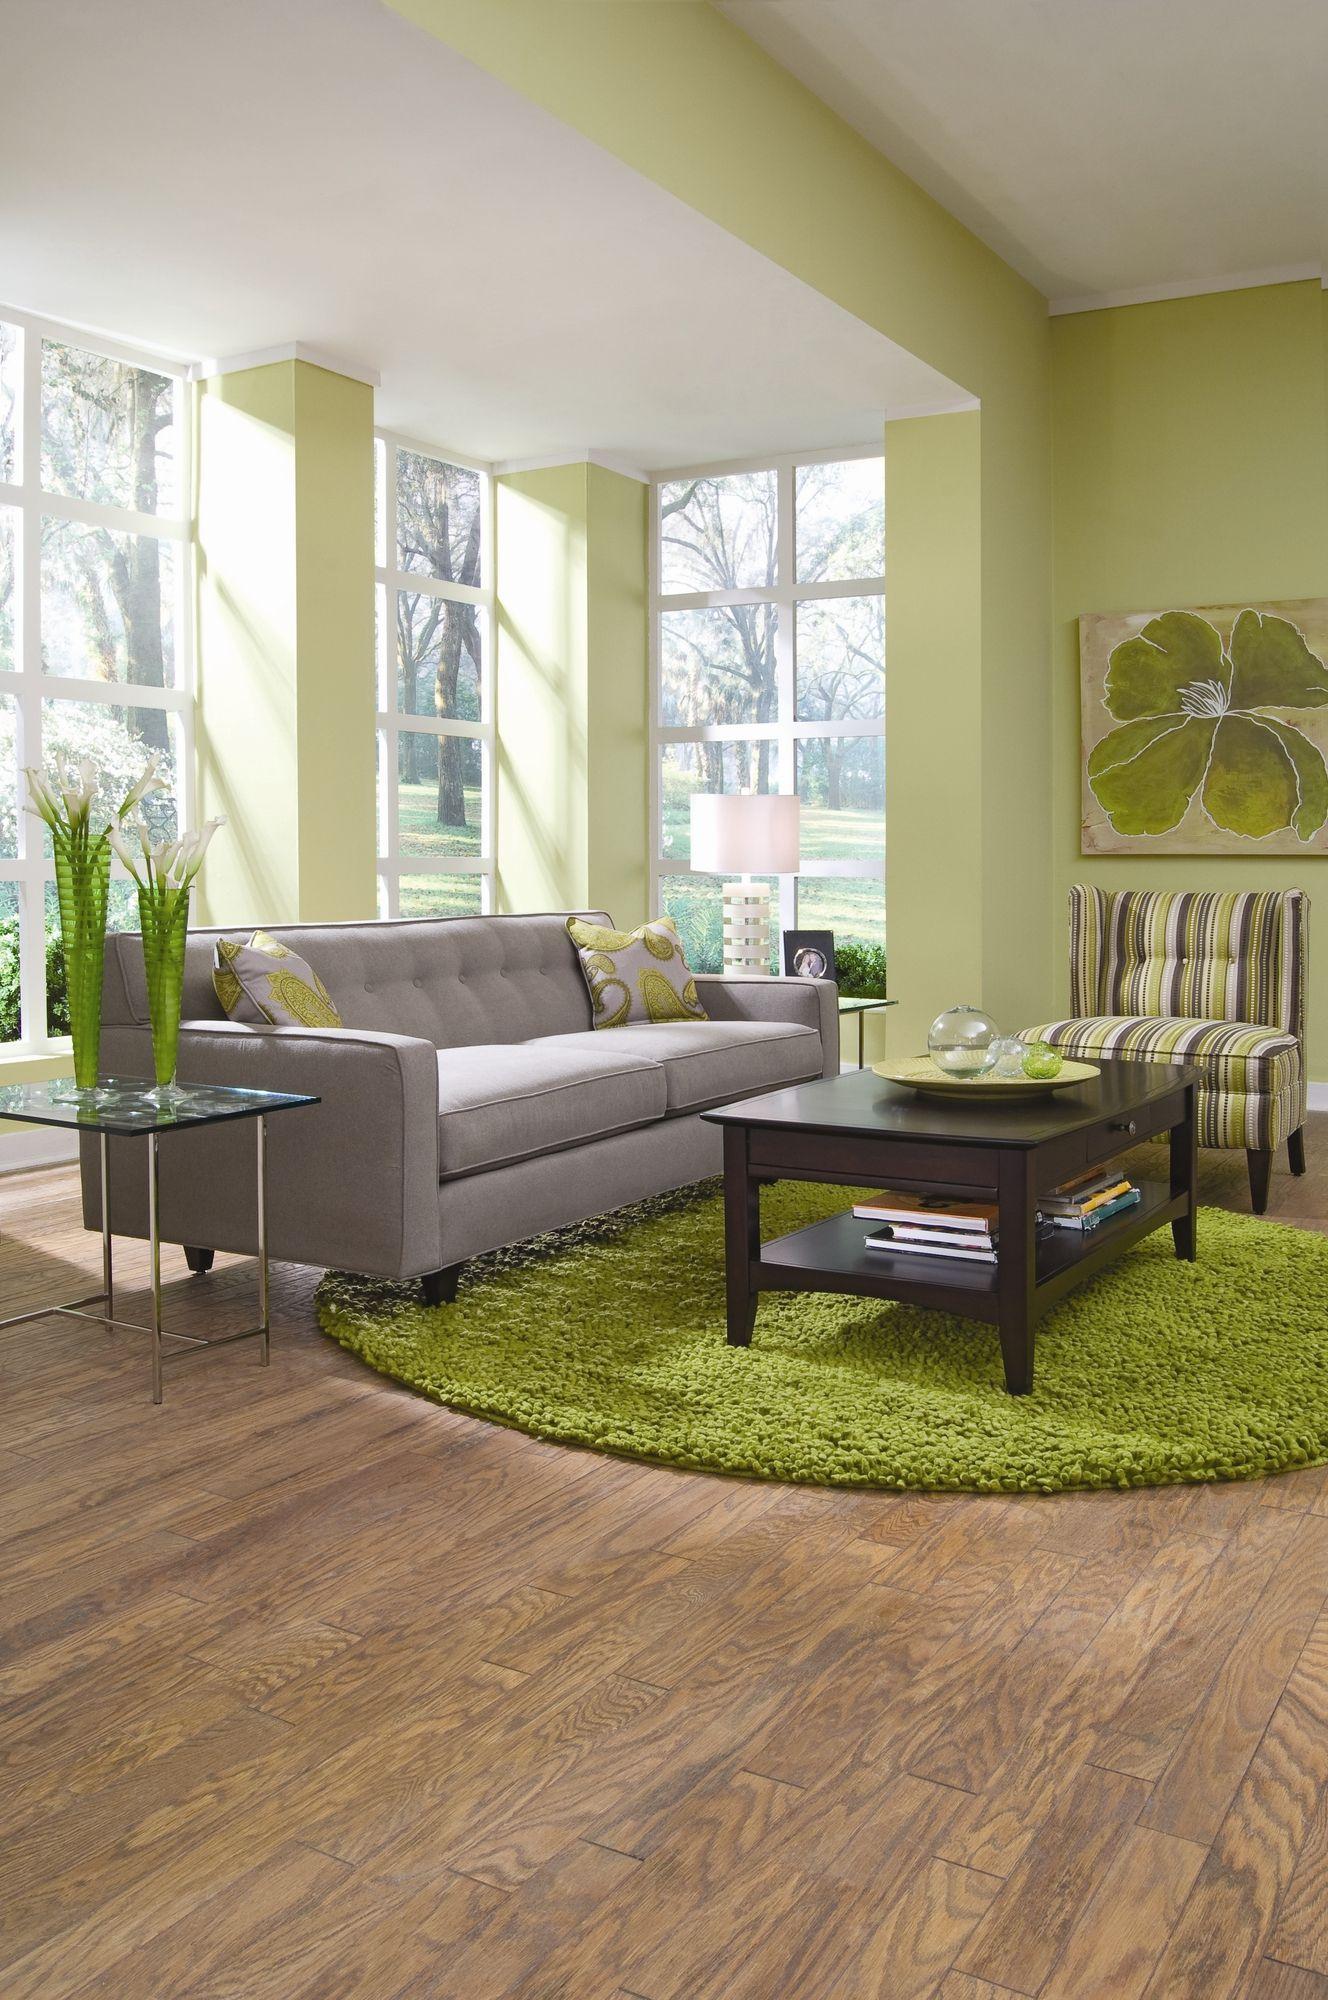 Tufted Sofa Rowe Furniture Dorset Sofa